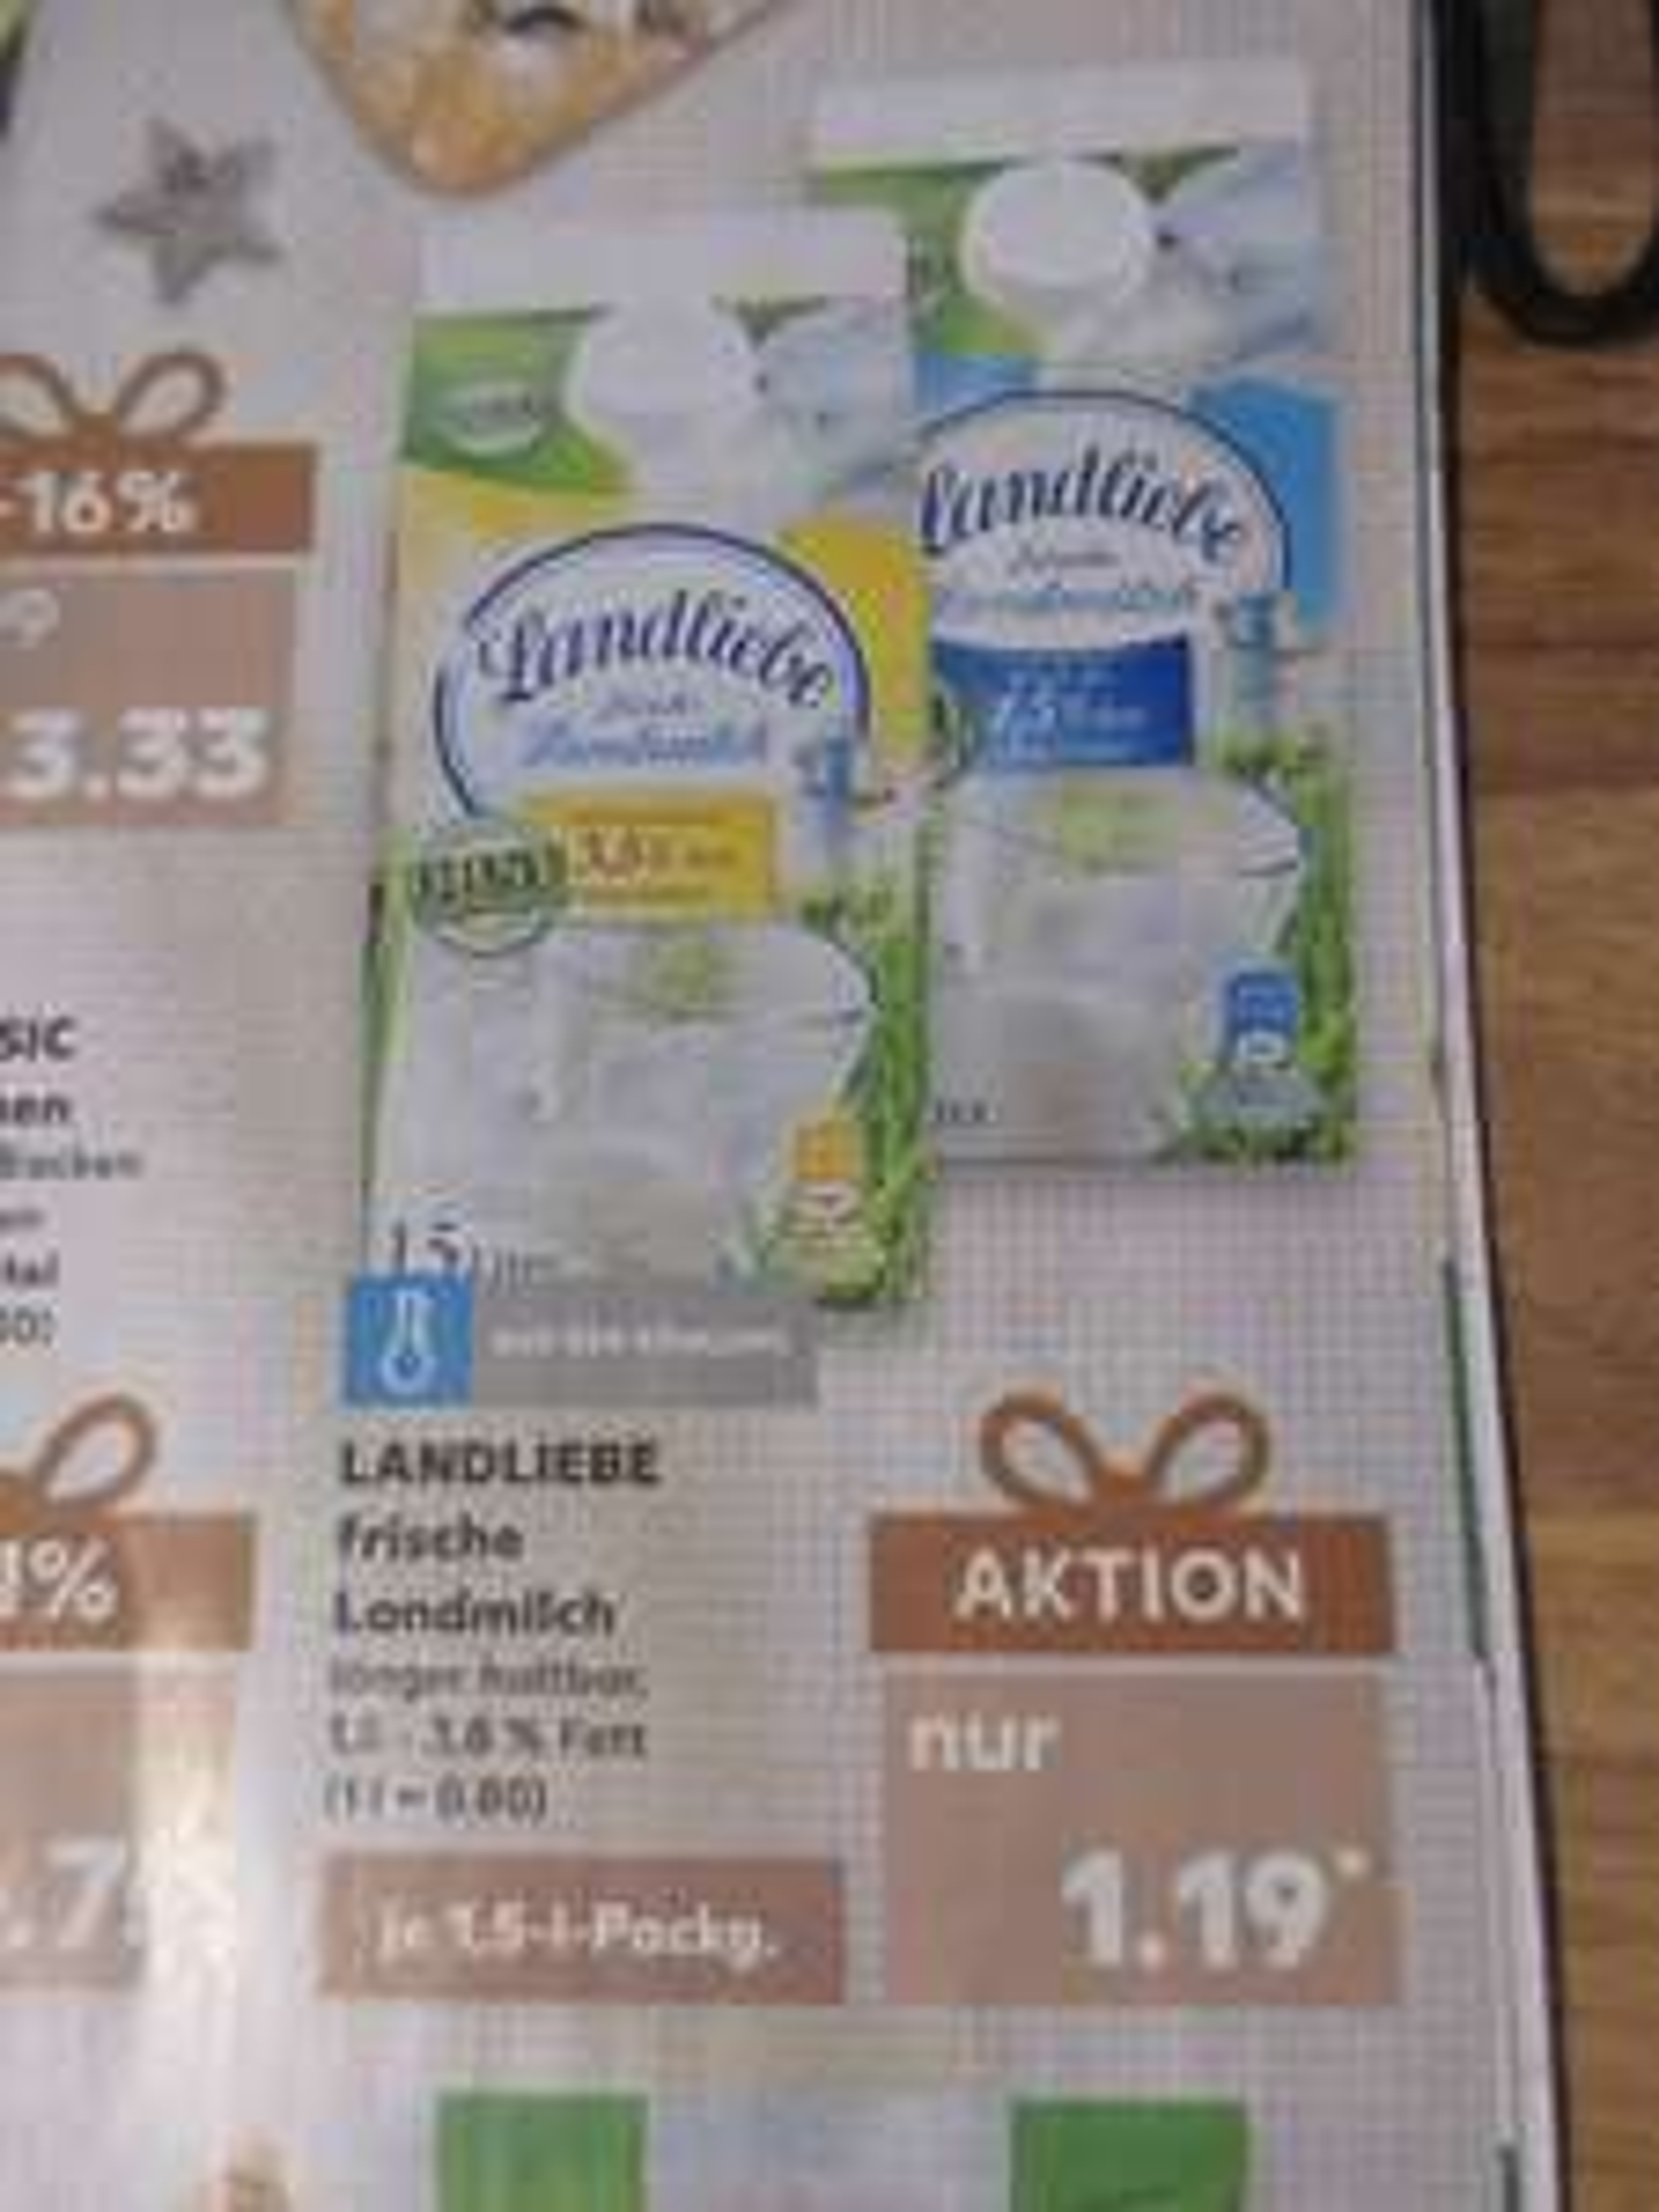 Kaufland - Landliebe Coupon / Frisch Milch 1,5 Liter für 1,03 / Liter für 0,68 Euro